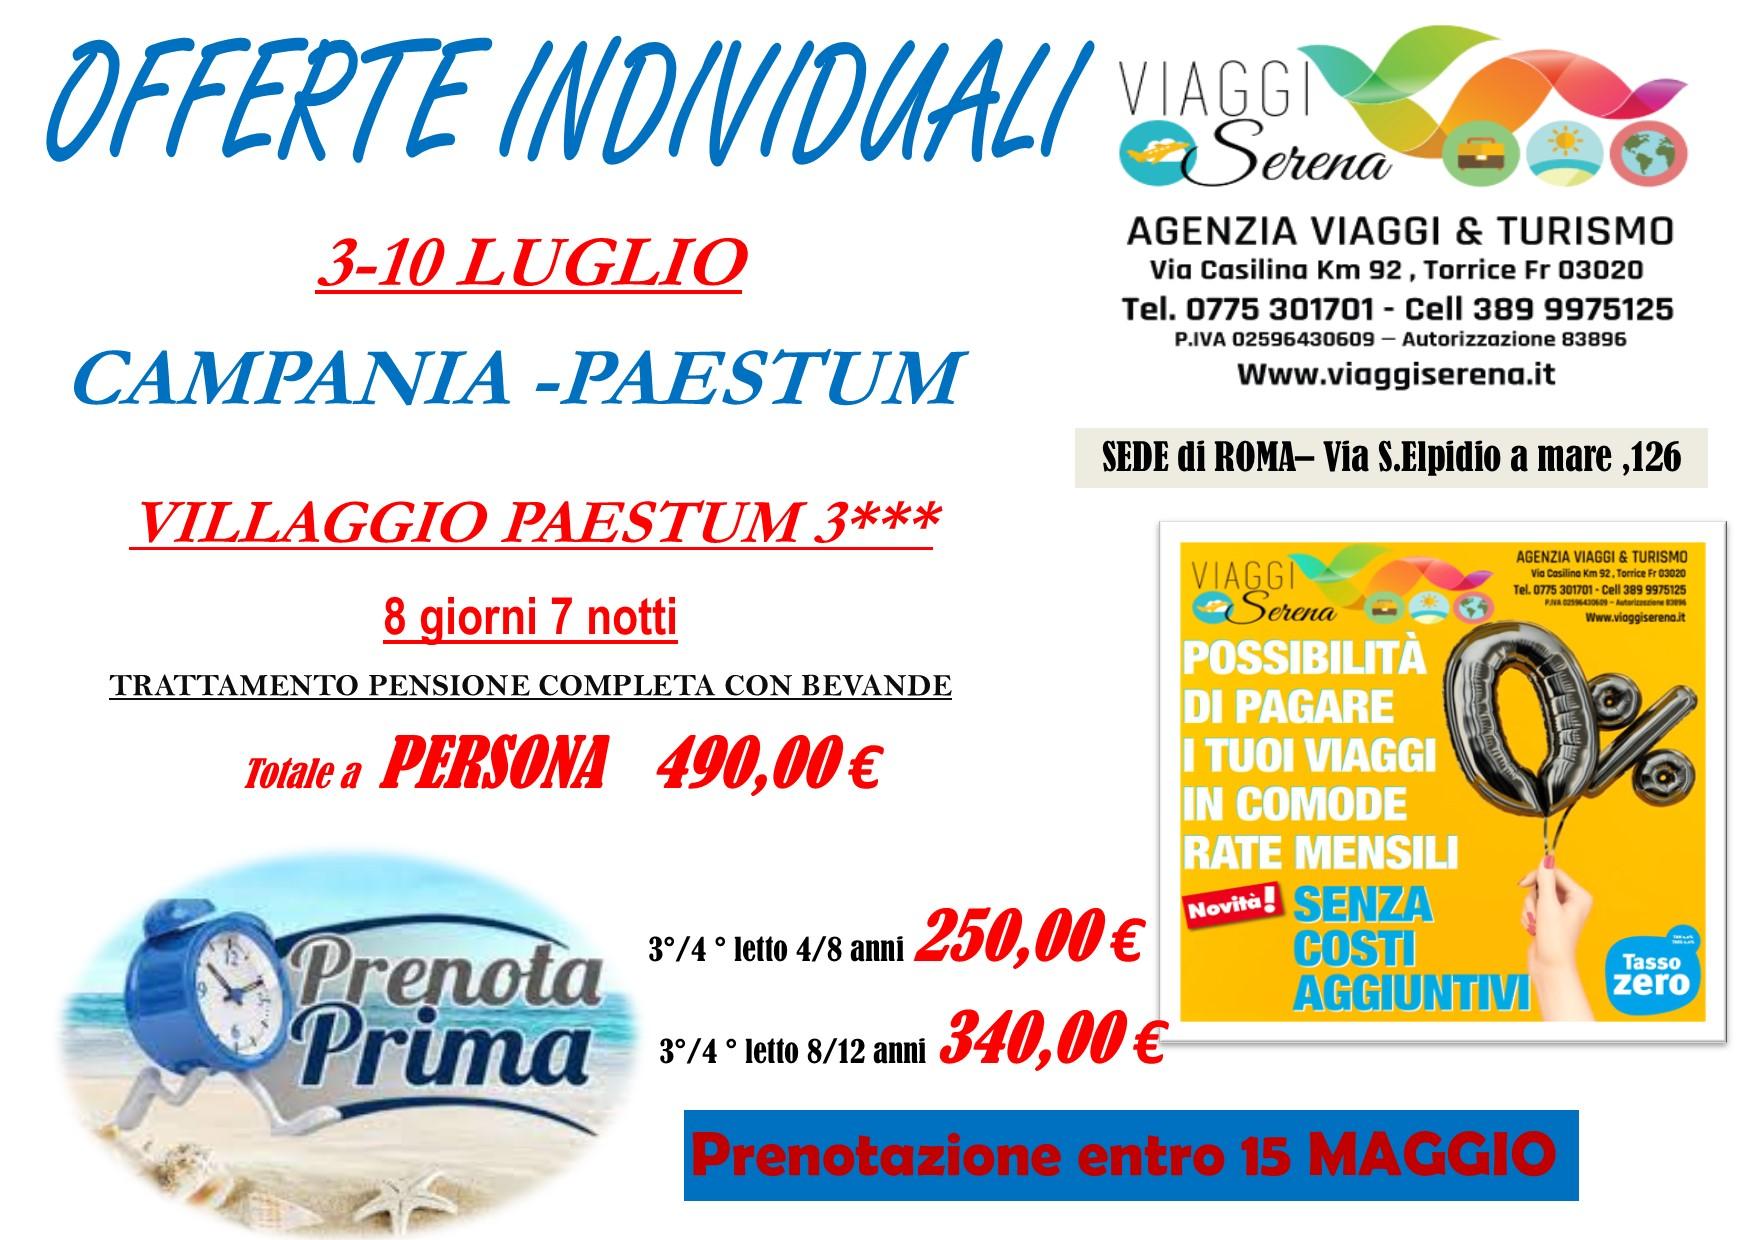 """Offerte Individuali : soggiorno mare con """"prenota prima"""" Paestum!!!"""